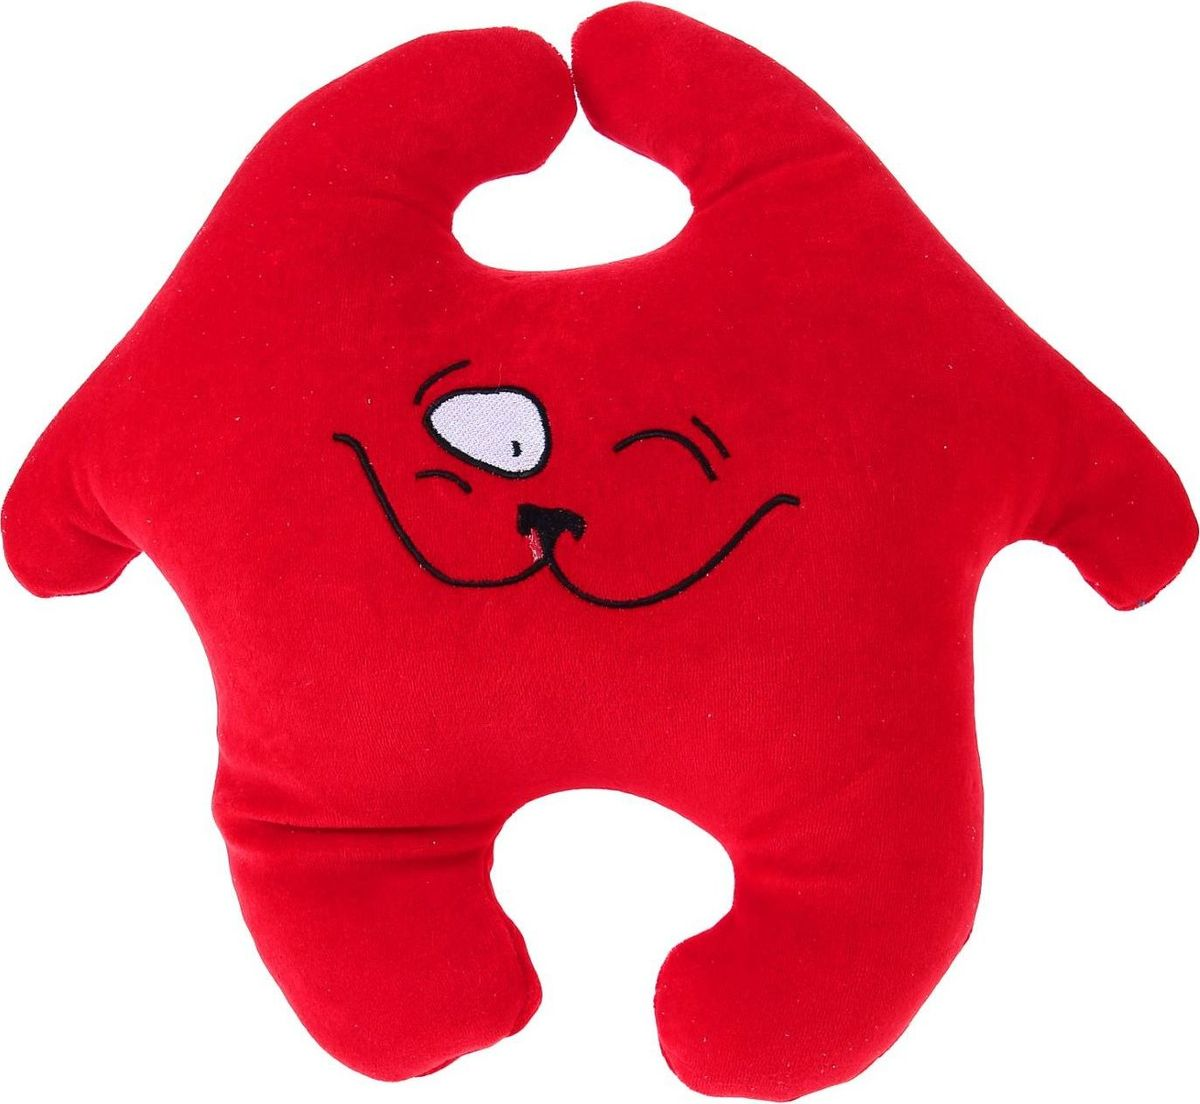 Sima-land Антистрессовая игрушка Заяц Хрустик 05 цвет красный кошельки бумажники и портмоне mano 20151 franzi black